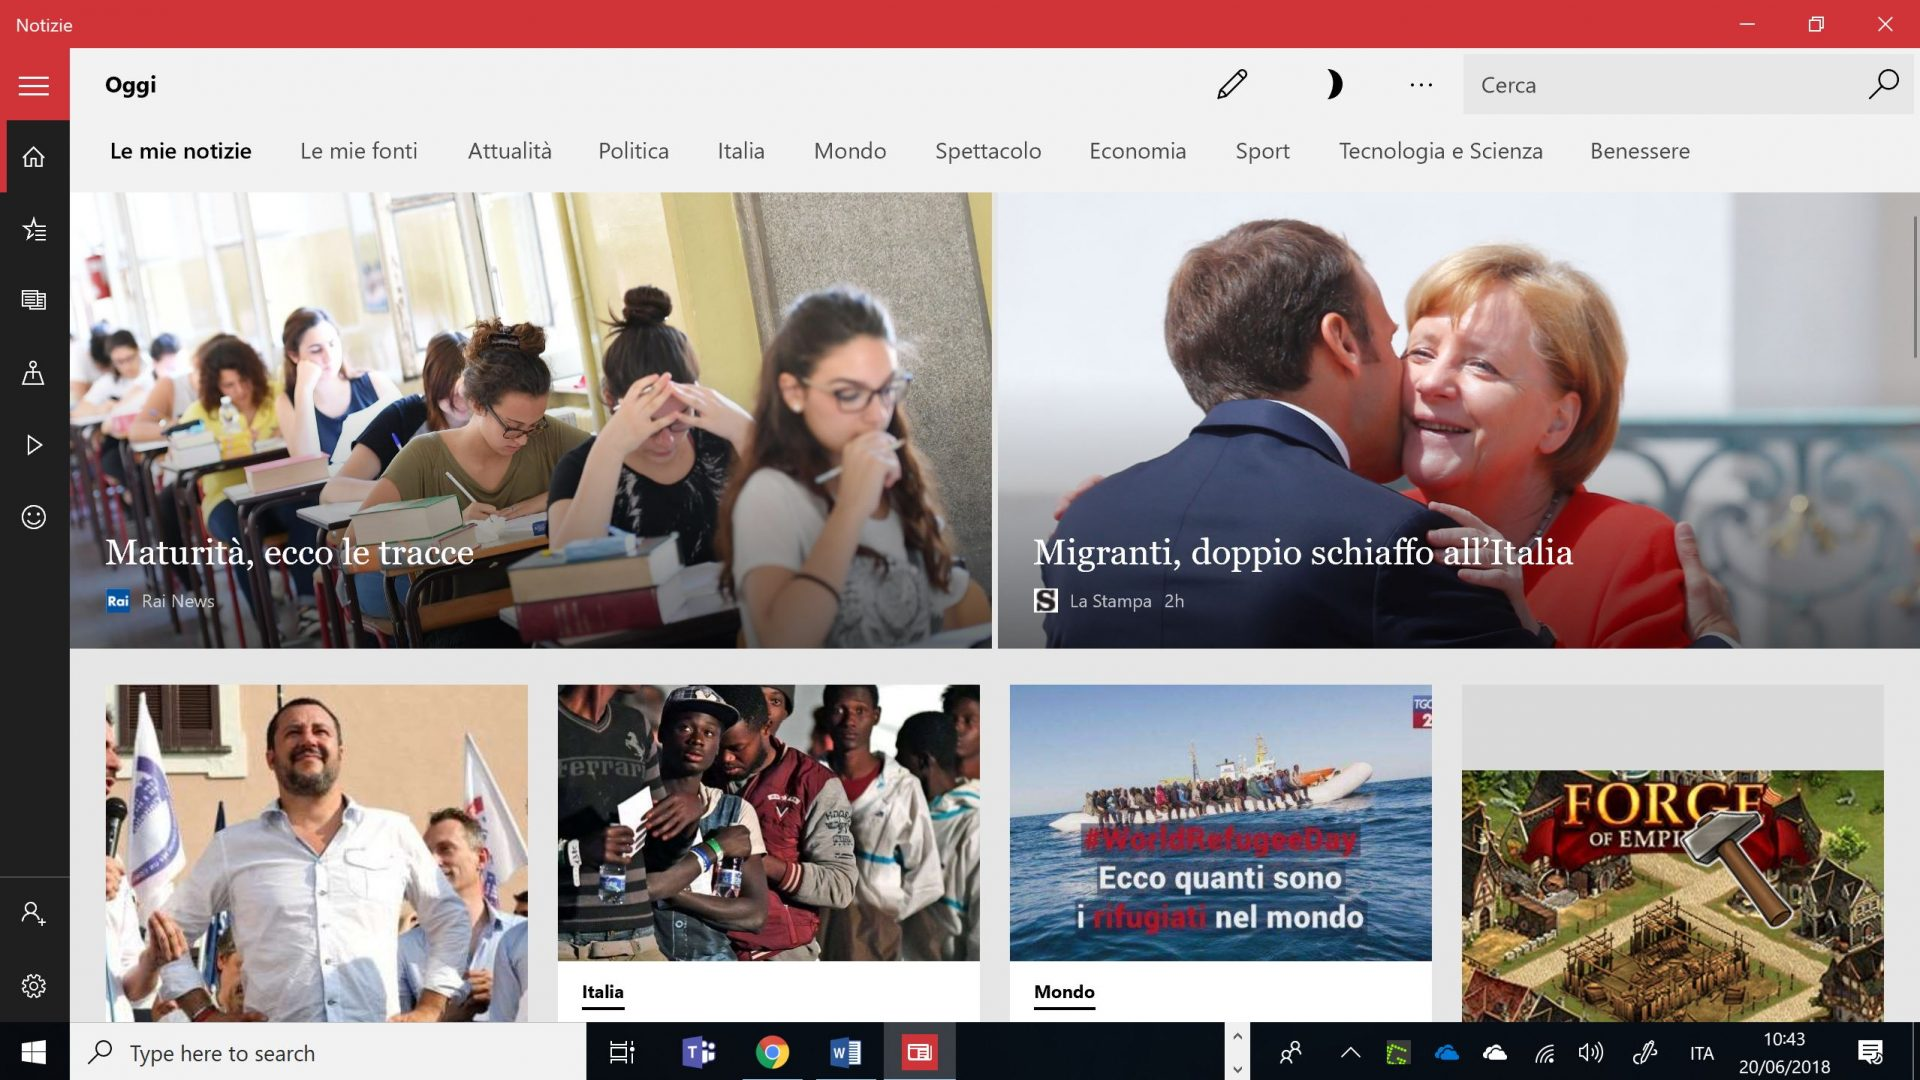 Microsoft News: il nuovo motore di ricerca di notizie per smartphone e PC thumbnail